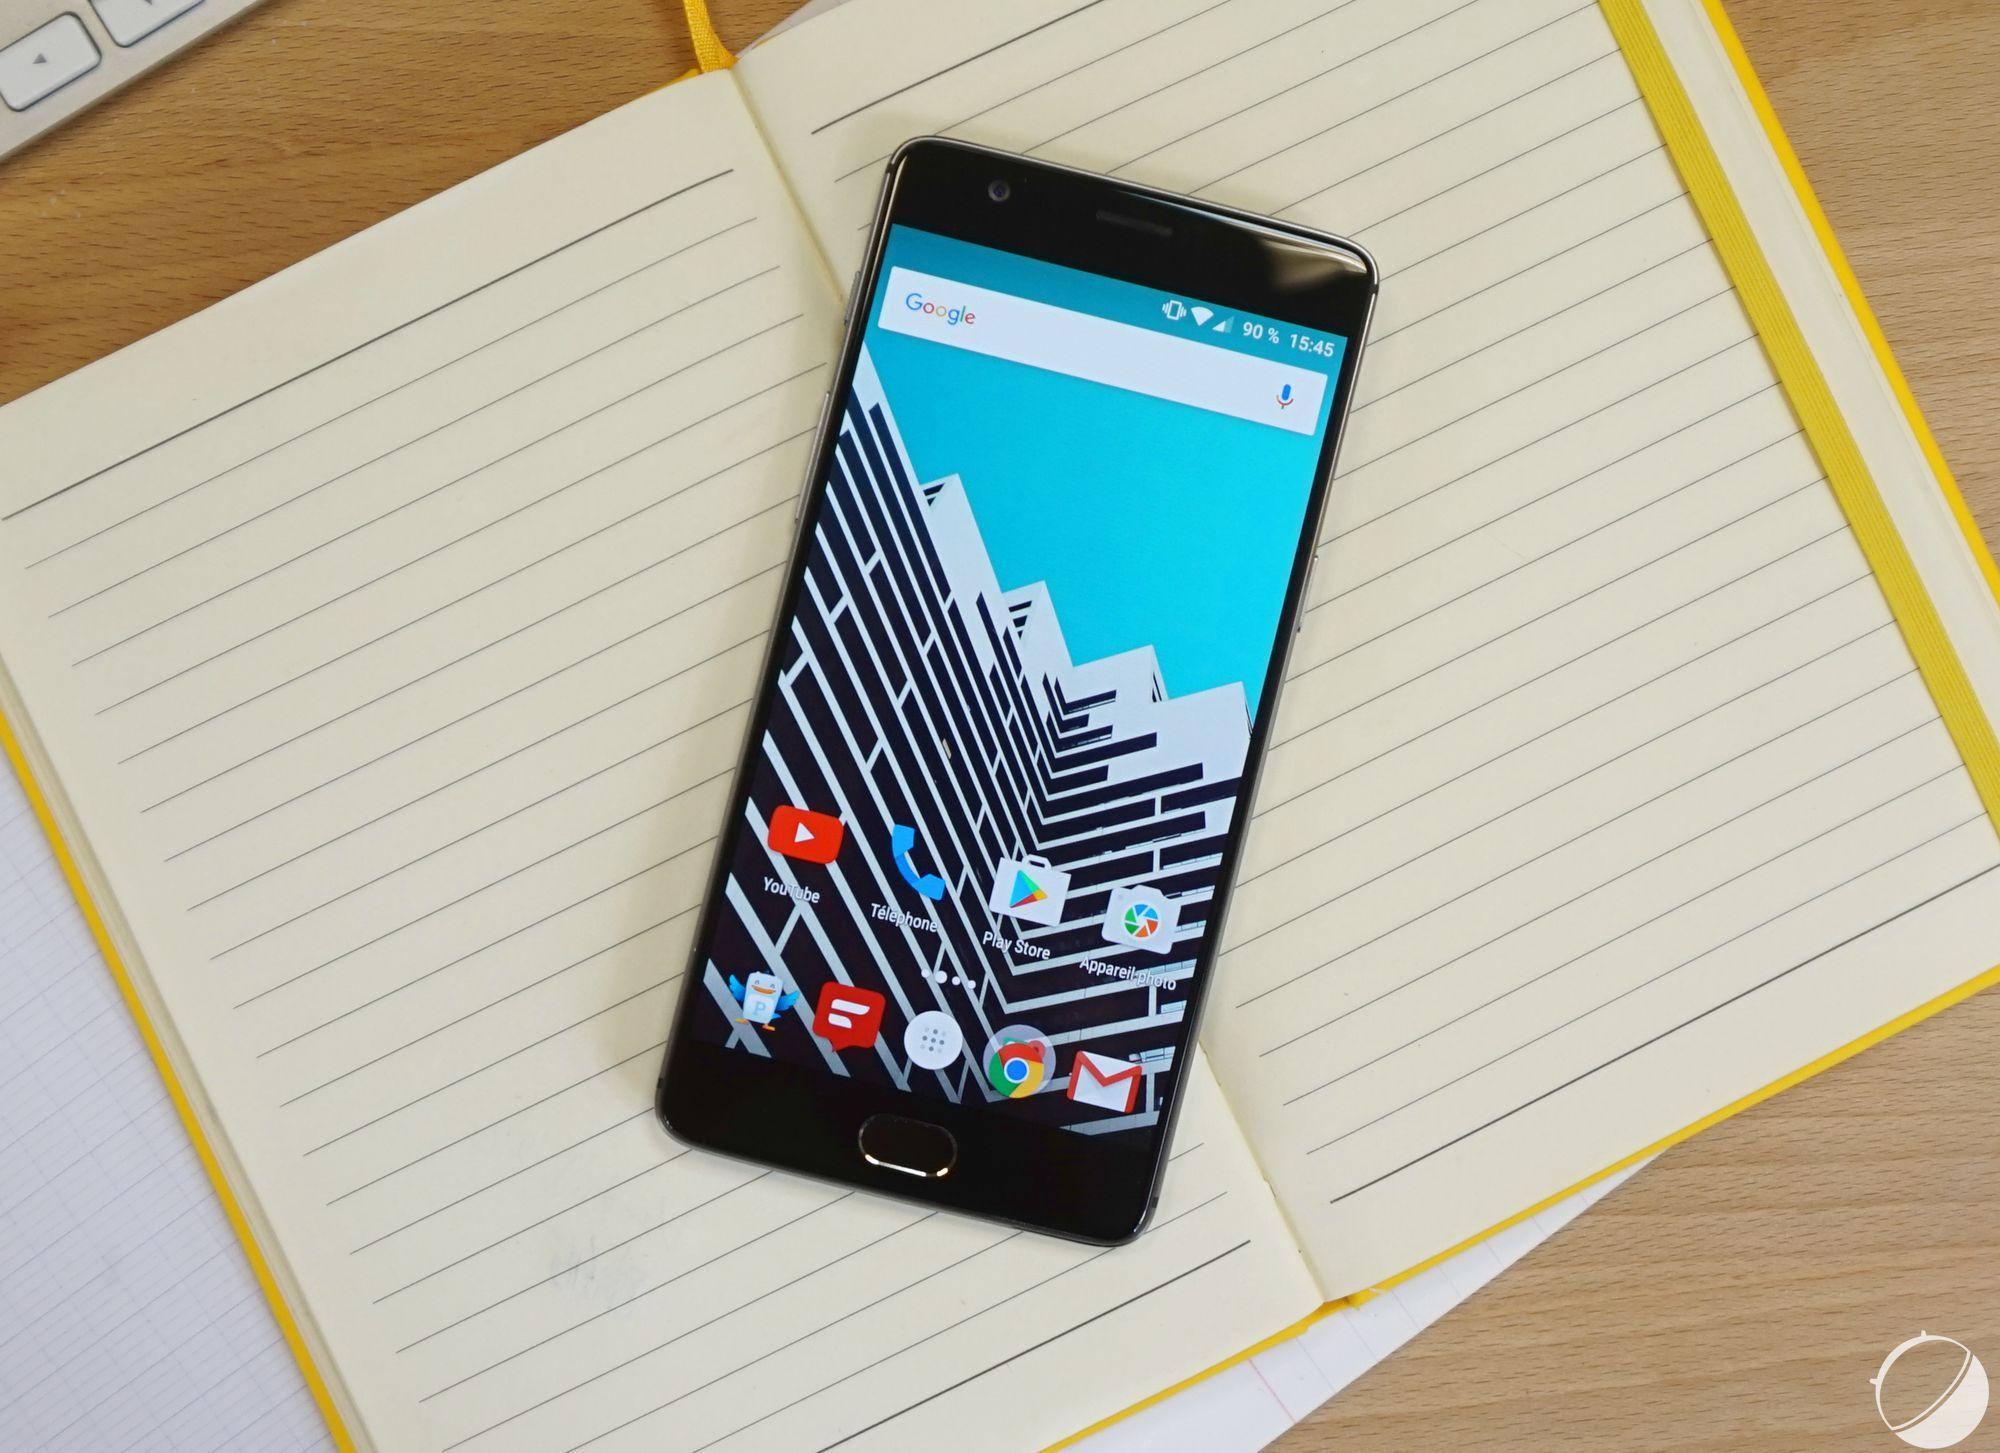 OnePlus 4 : ses 8 Go de RAM et ses 23 Mégapixels ne sont qu'un rêve